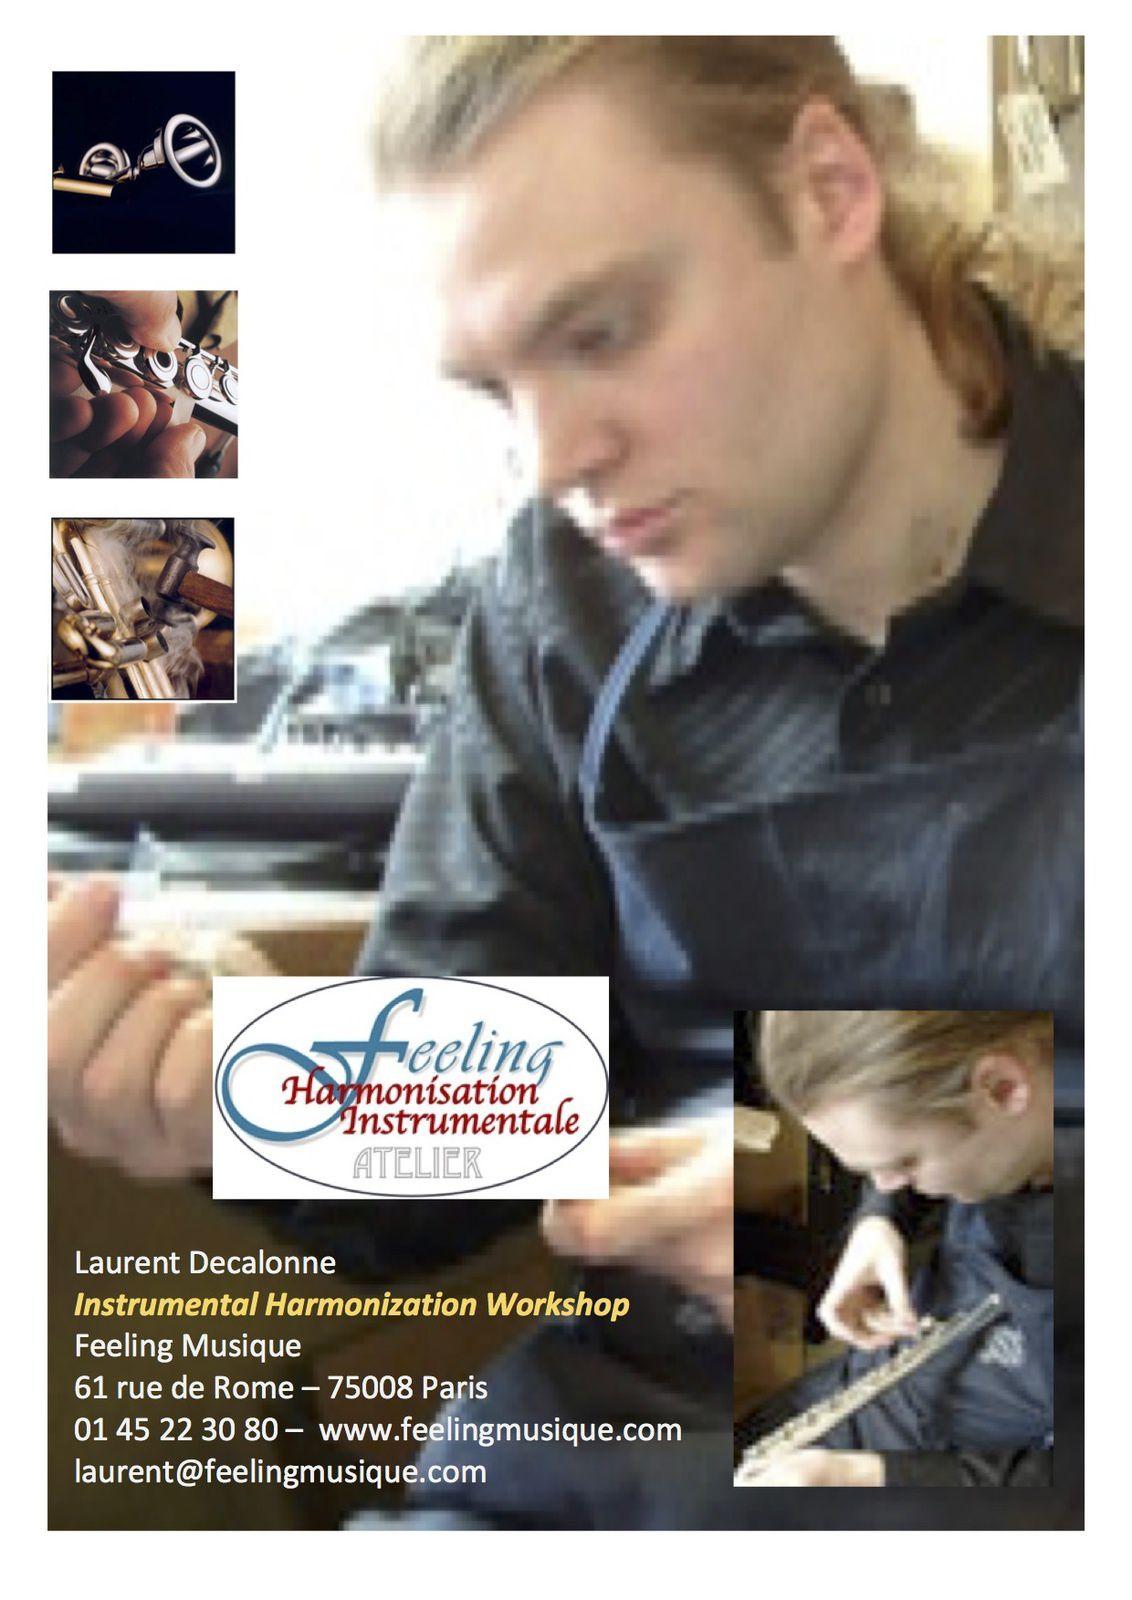 L'Harmonisation, née dans les ateliers delutherie des vents de Feeling Musique est l'œuvre de Laurent Decalonne.